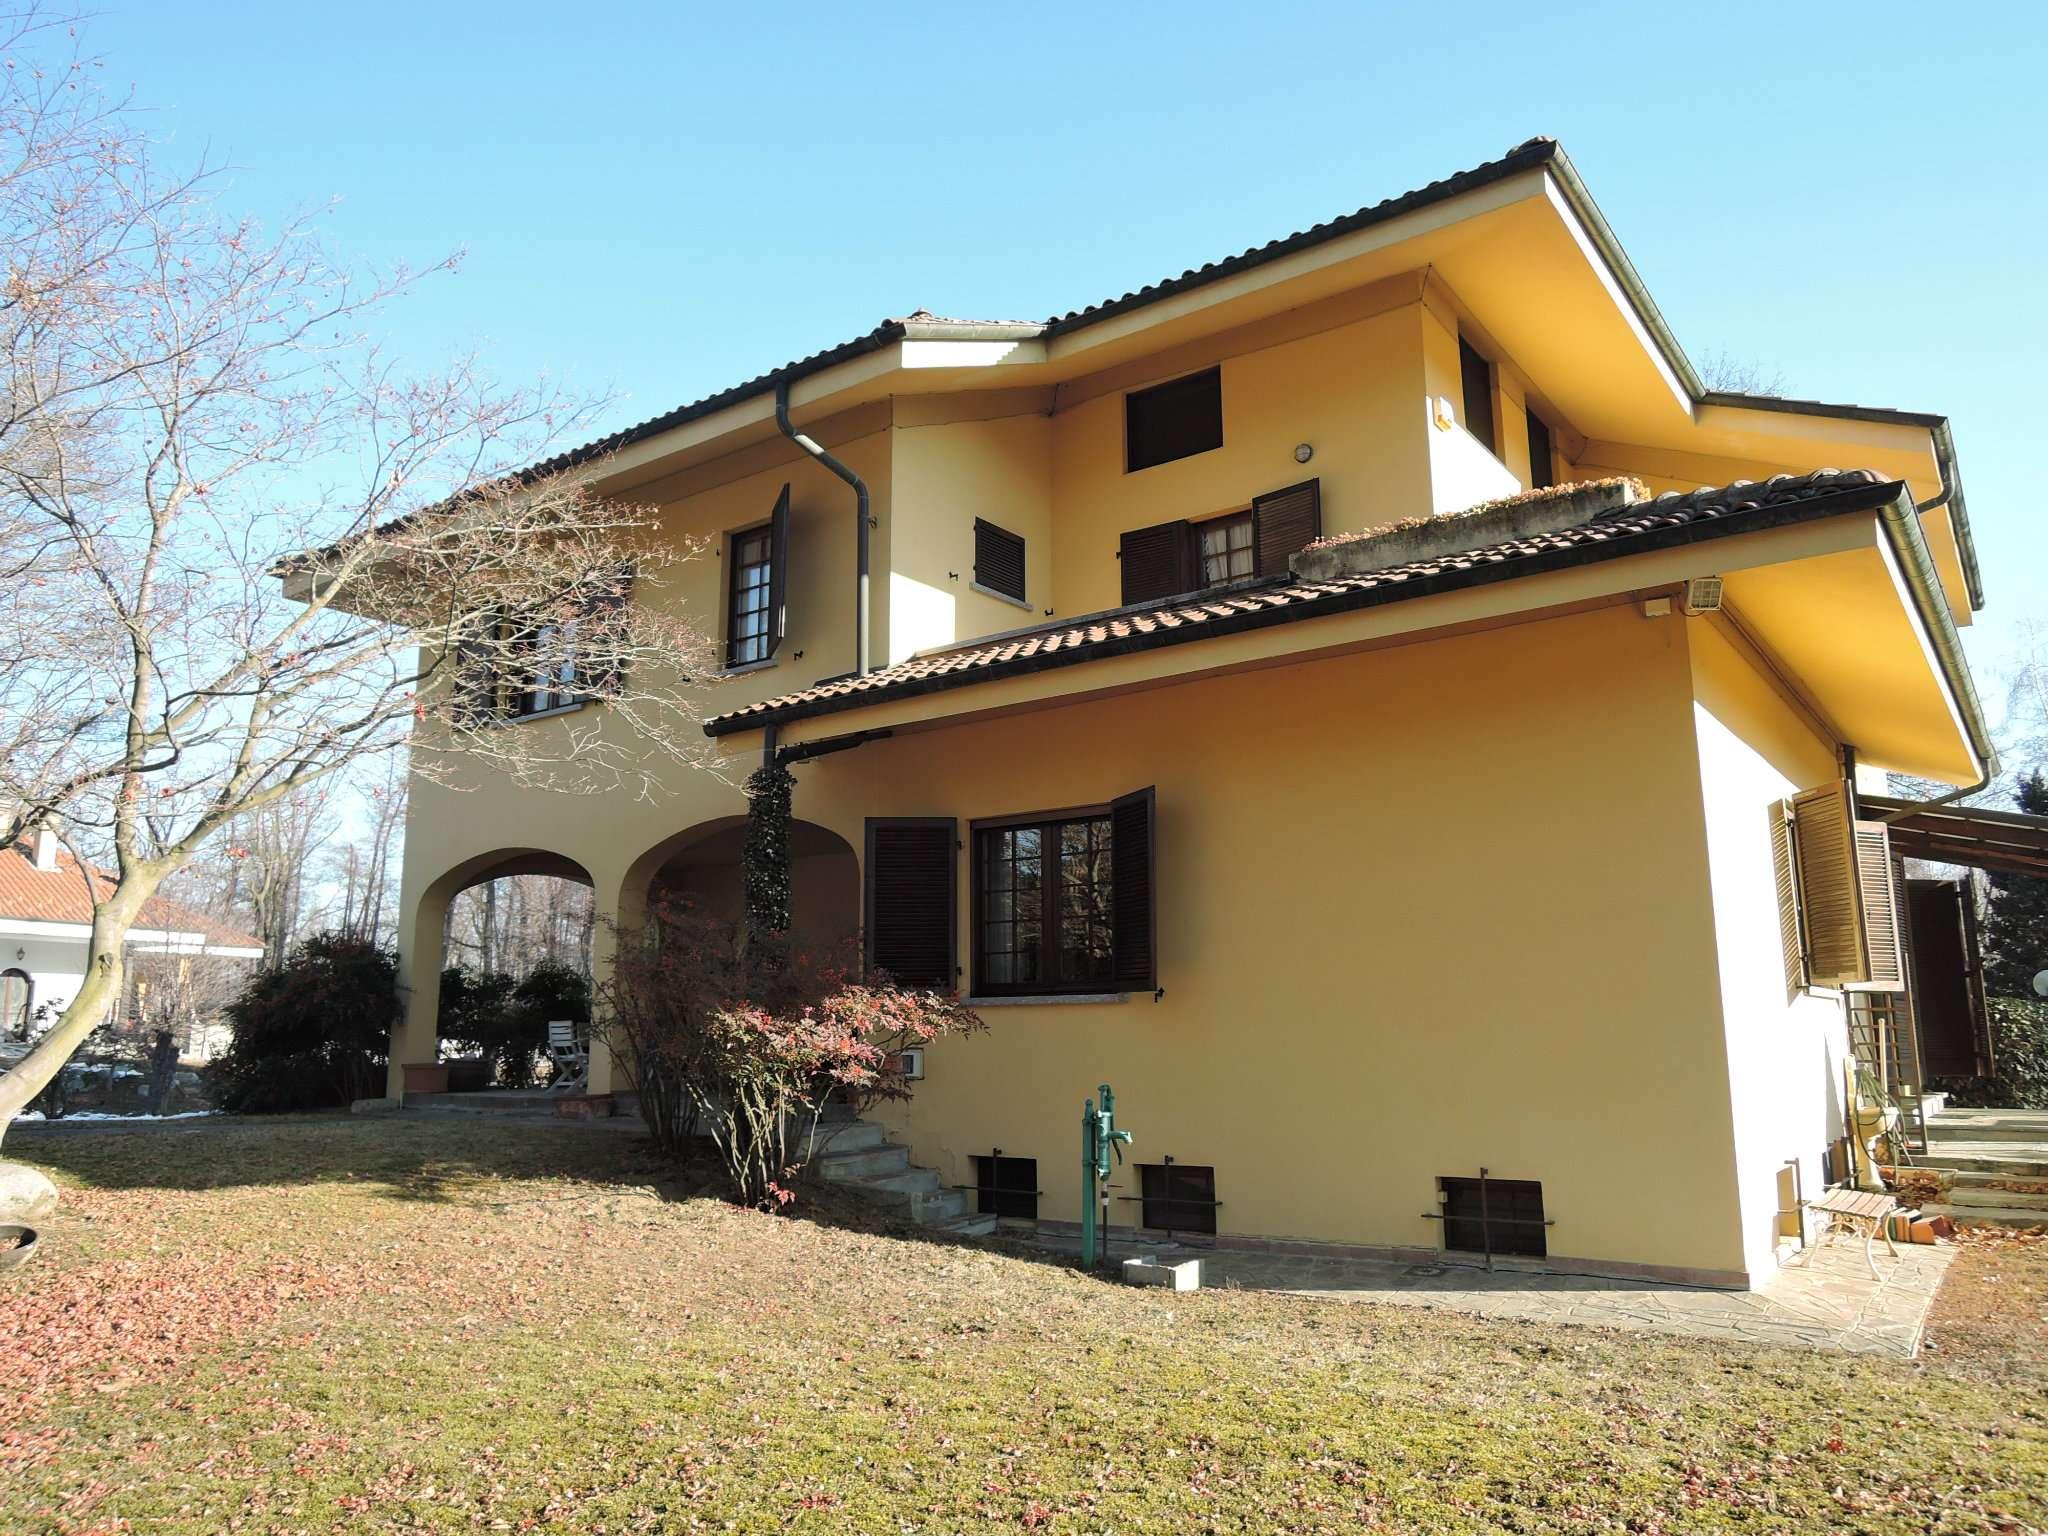 Villetta a schiera in buone condizioni in vendita Rif. 4907470